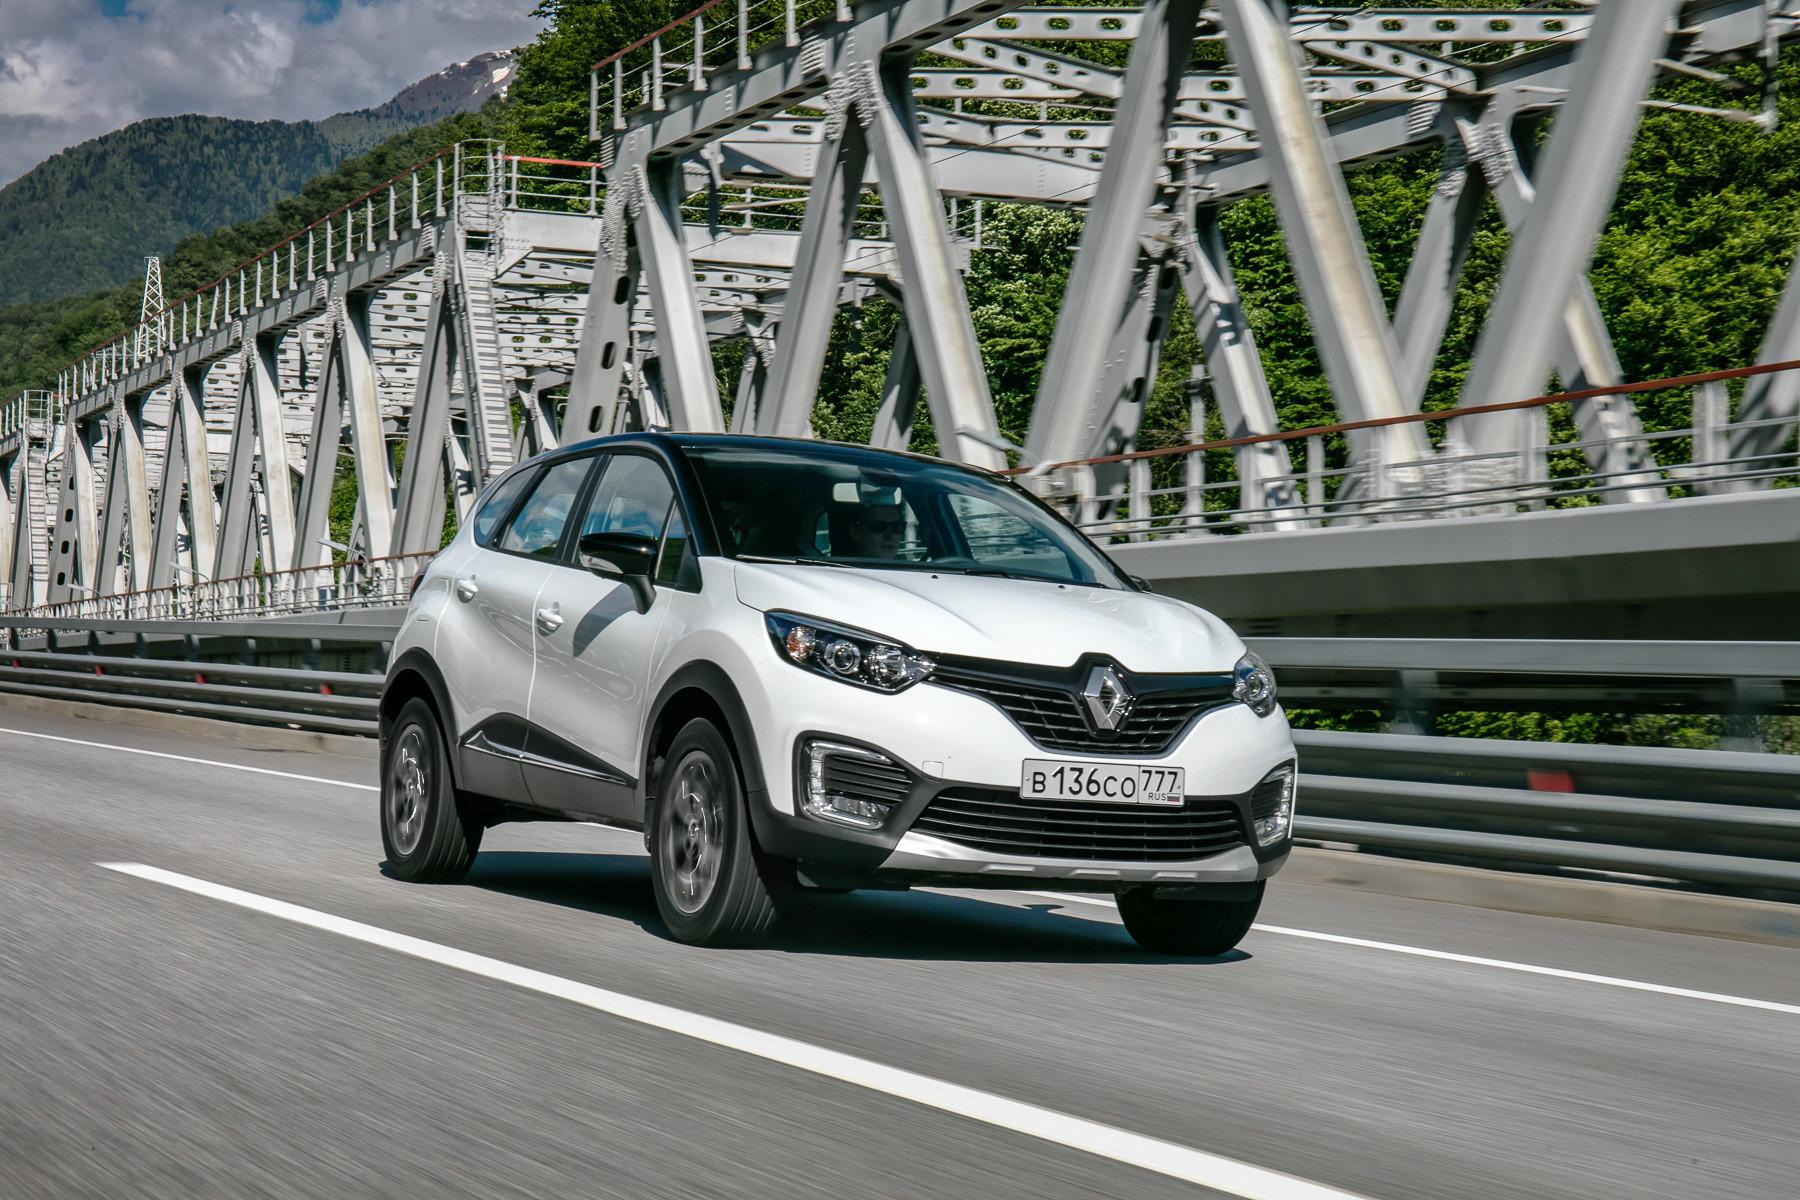 Новый кроссовер Renault начали продавать через интернет